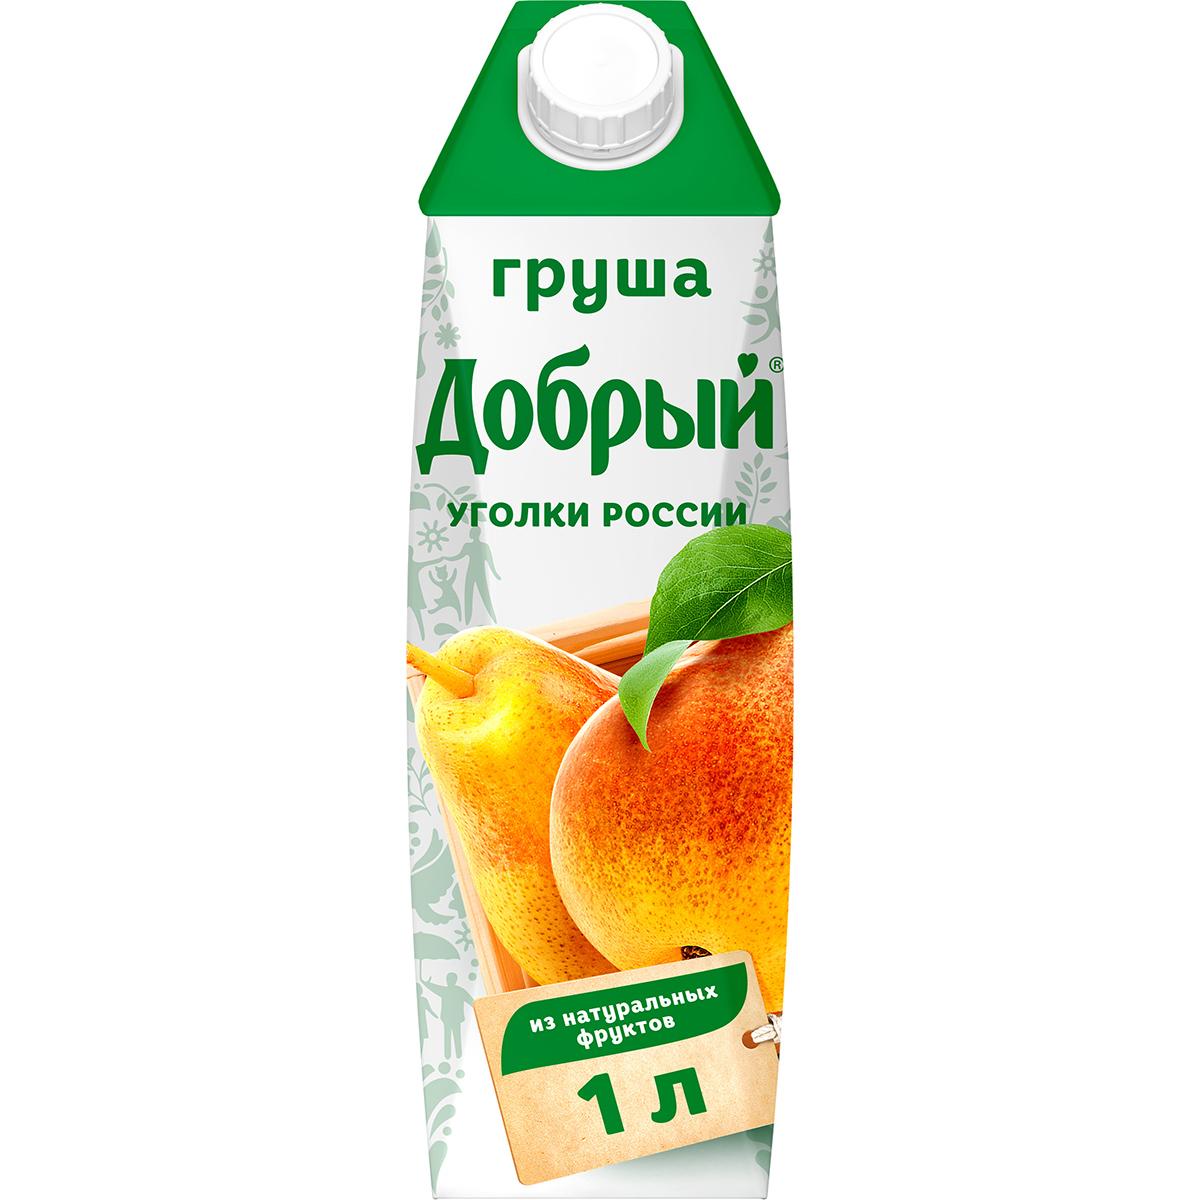 Нектар Добрый Уголки России Груша 1 л недорого